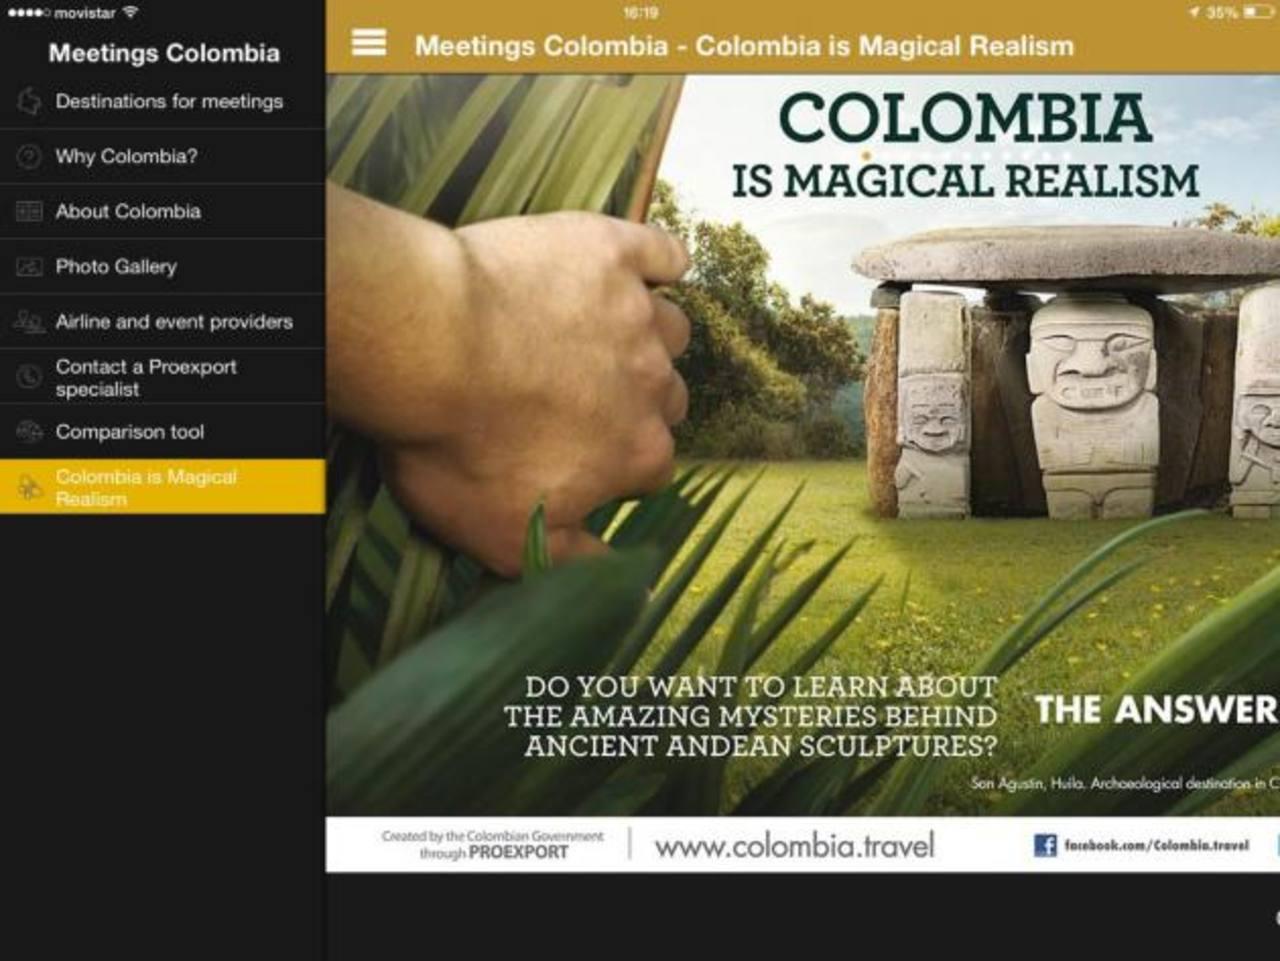 Las Apps colombianas tienen conversores de monedas, traductores e indicadores climáticos.